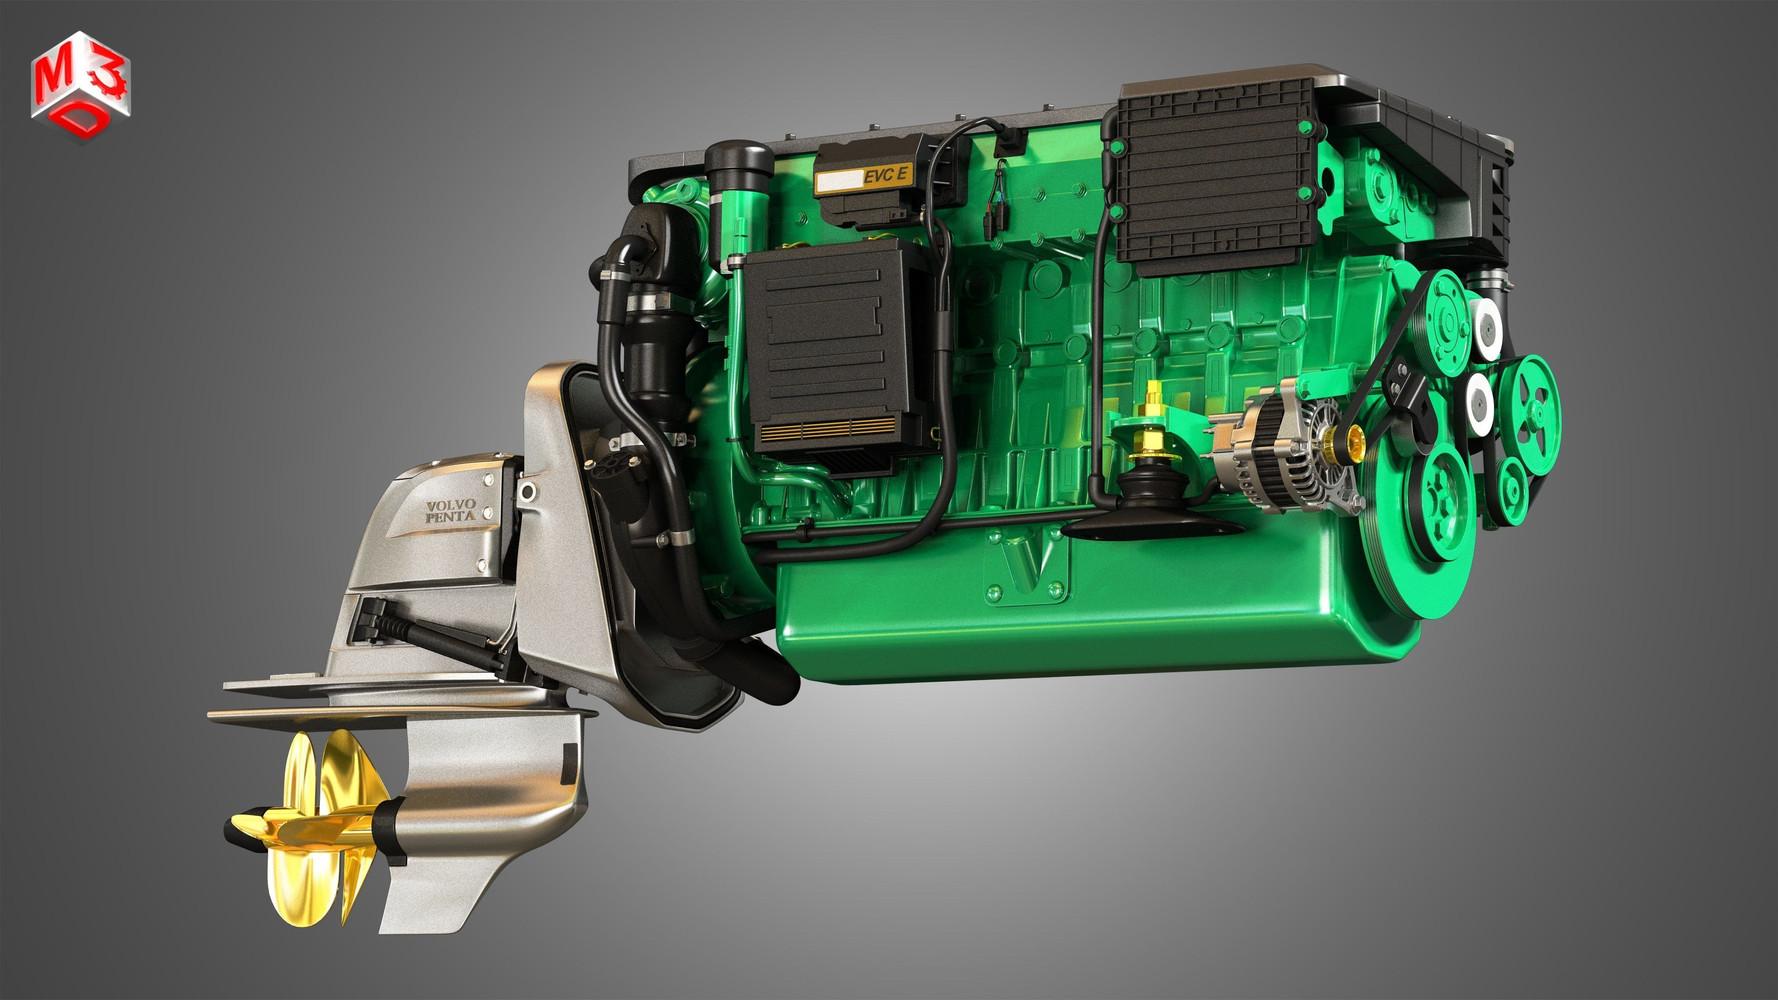 penta-d6-330-engine-6-cylinder-marine-en